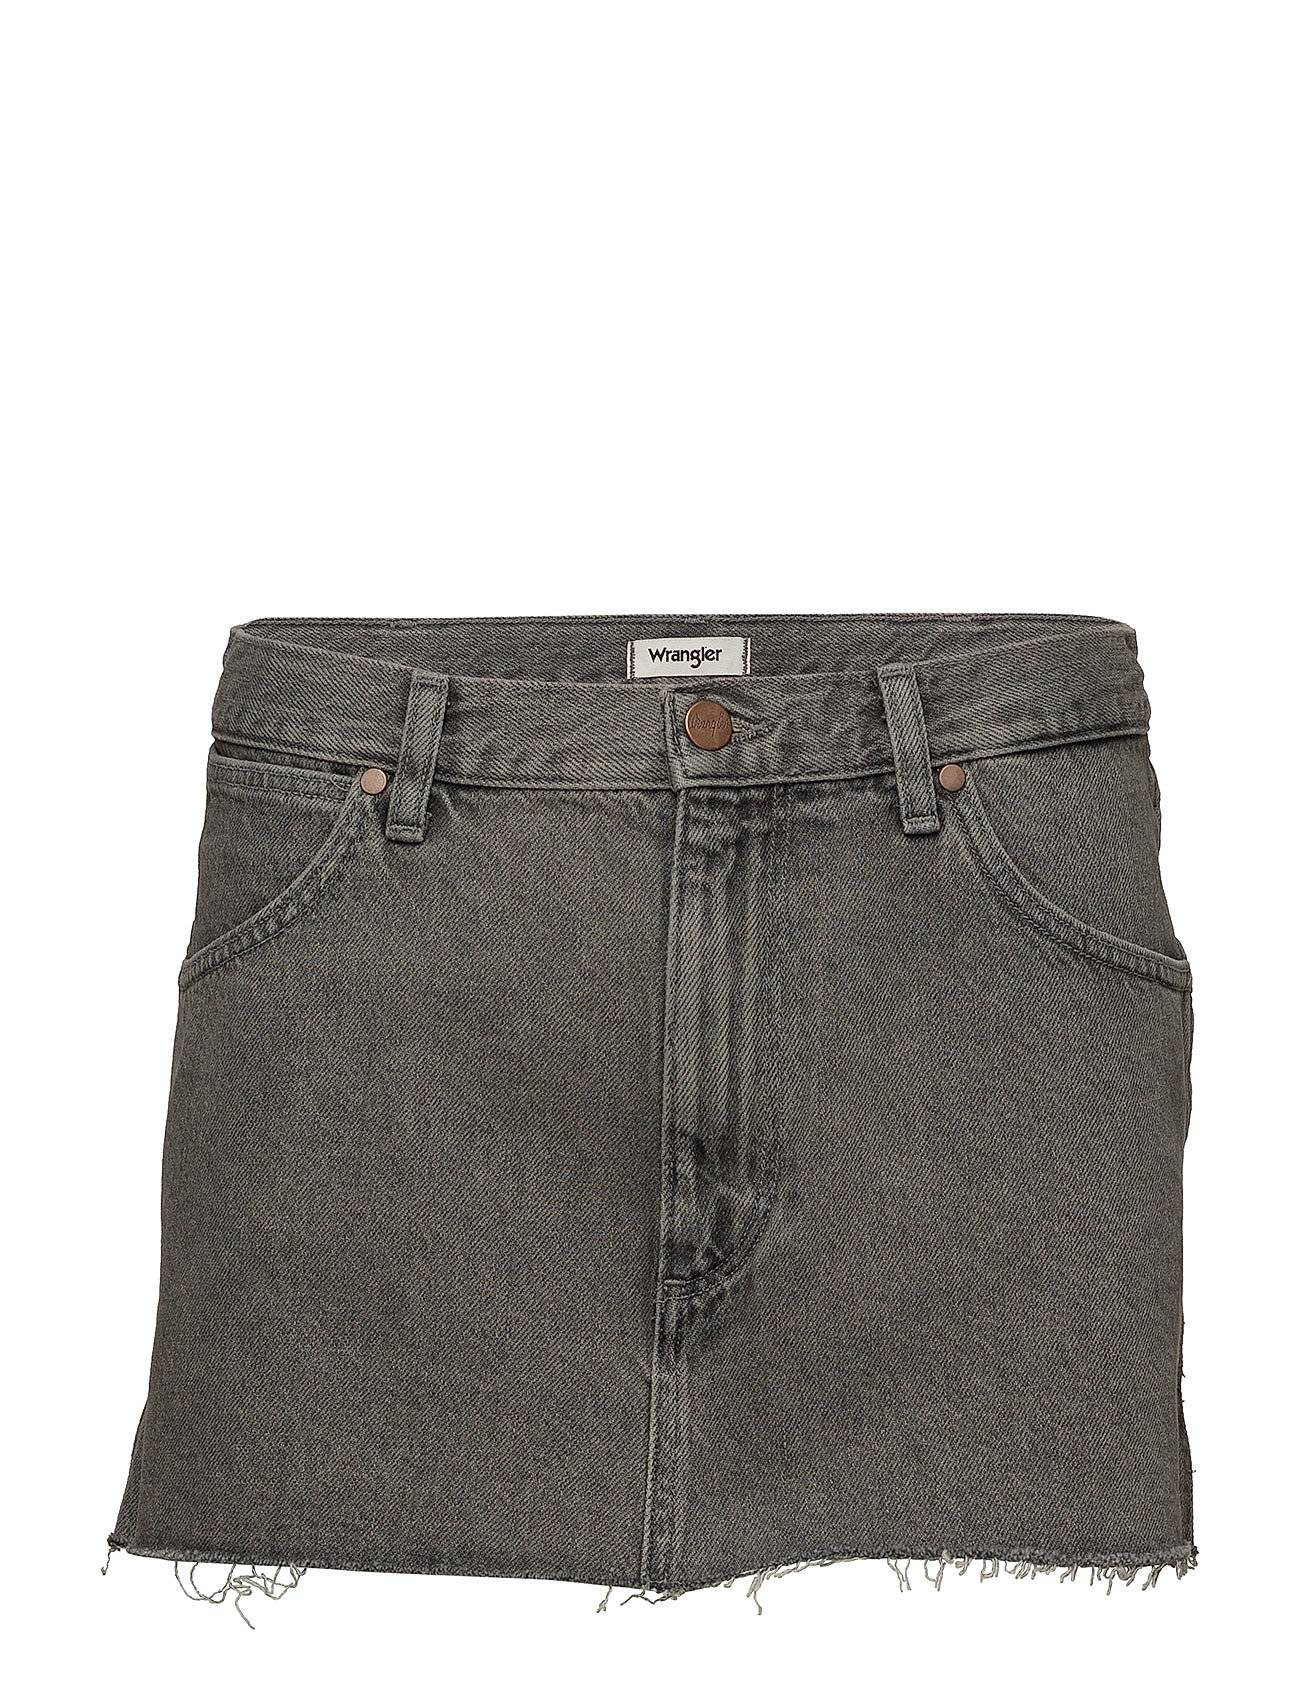 Wrangler Retro Skirt